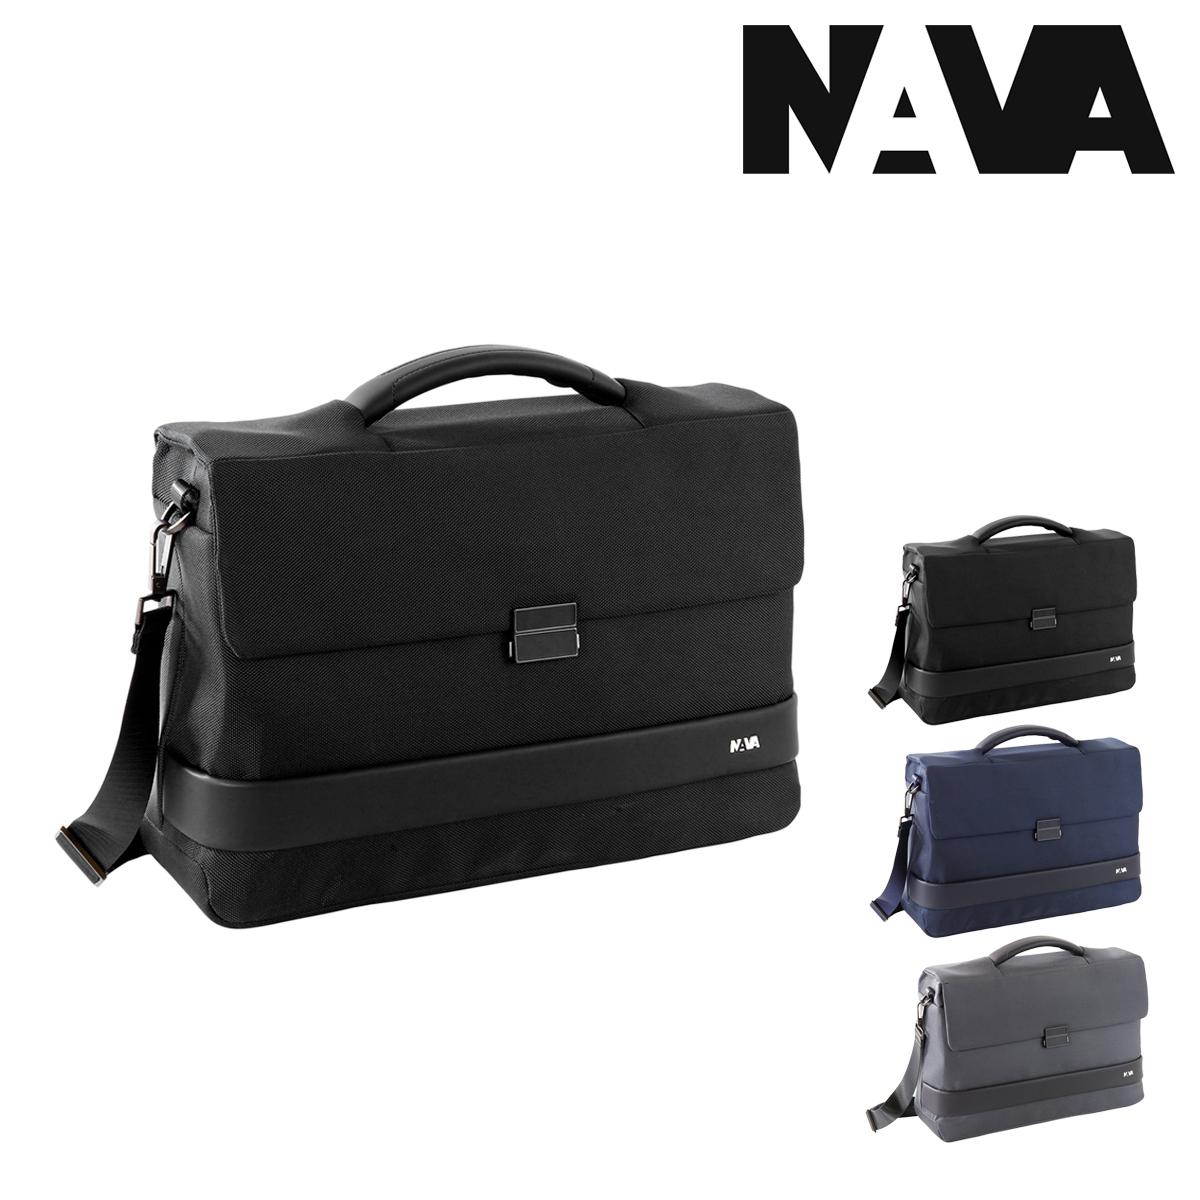 NAVA design ブリーフケース 2WAY A4 イージープラス メンズ EP002 ナヴァデザイン EASYビジネスバッグ ショルダーバッグ キャリーオン PCケース 15インチ PO10bef即日発送qMLzGUVSp